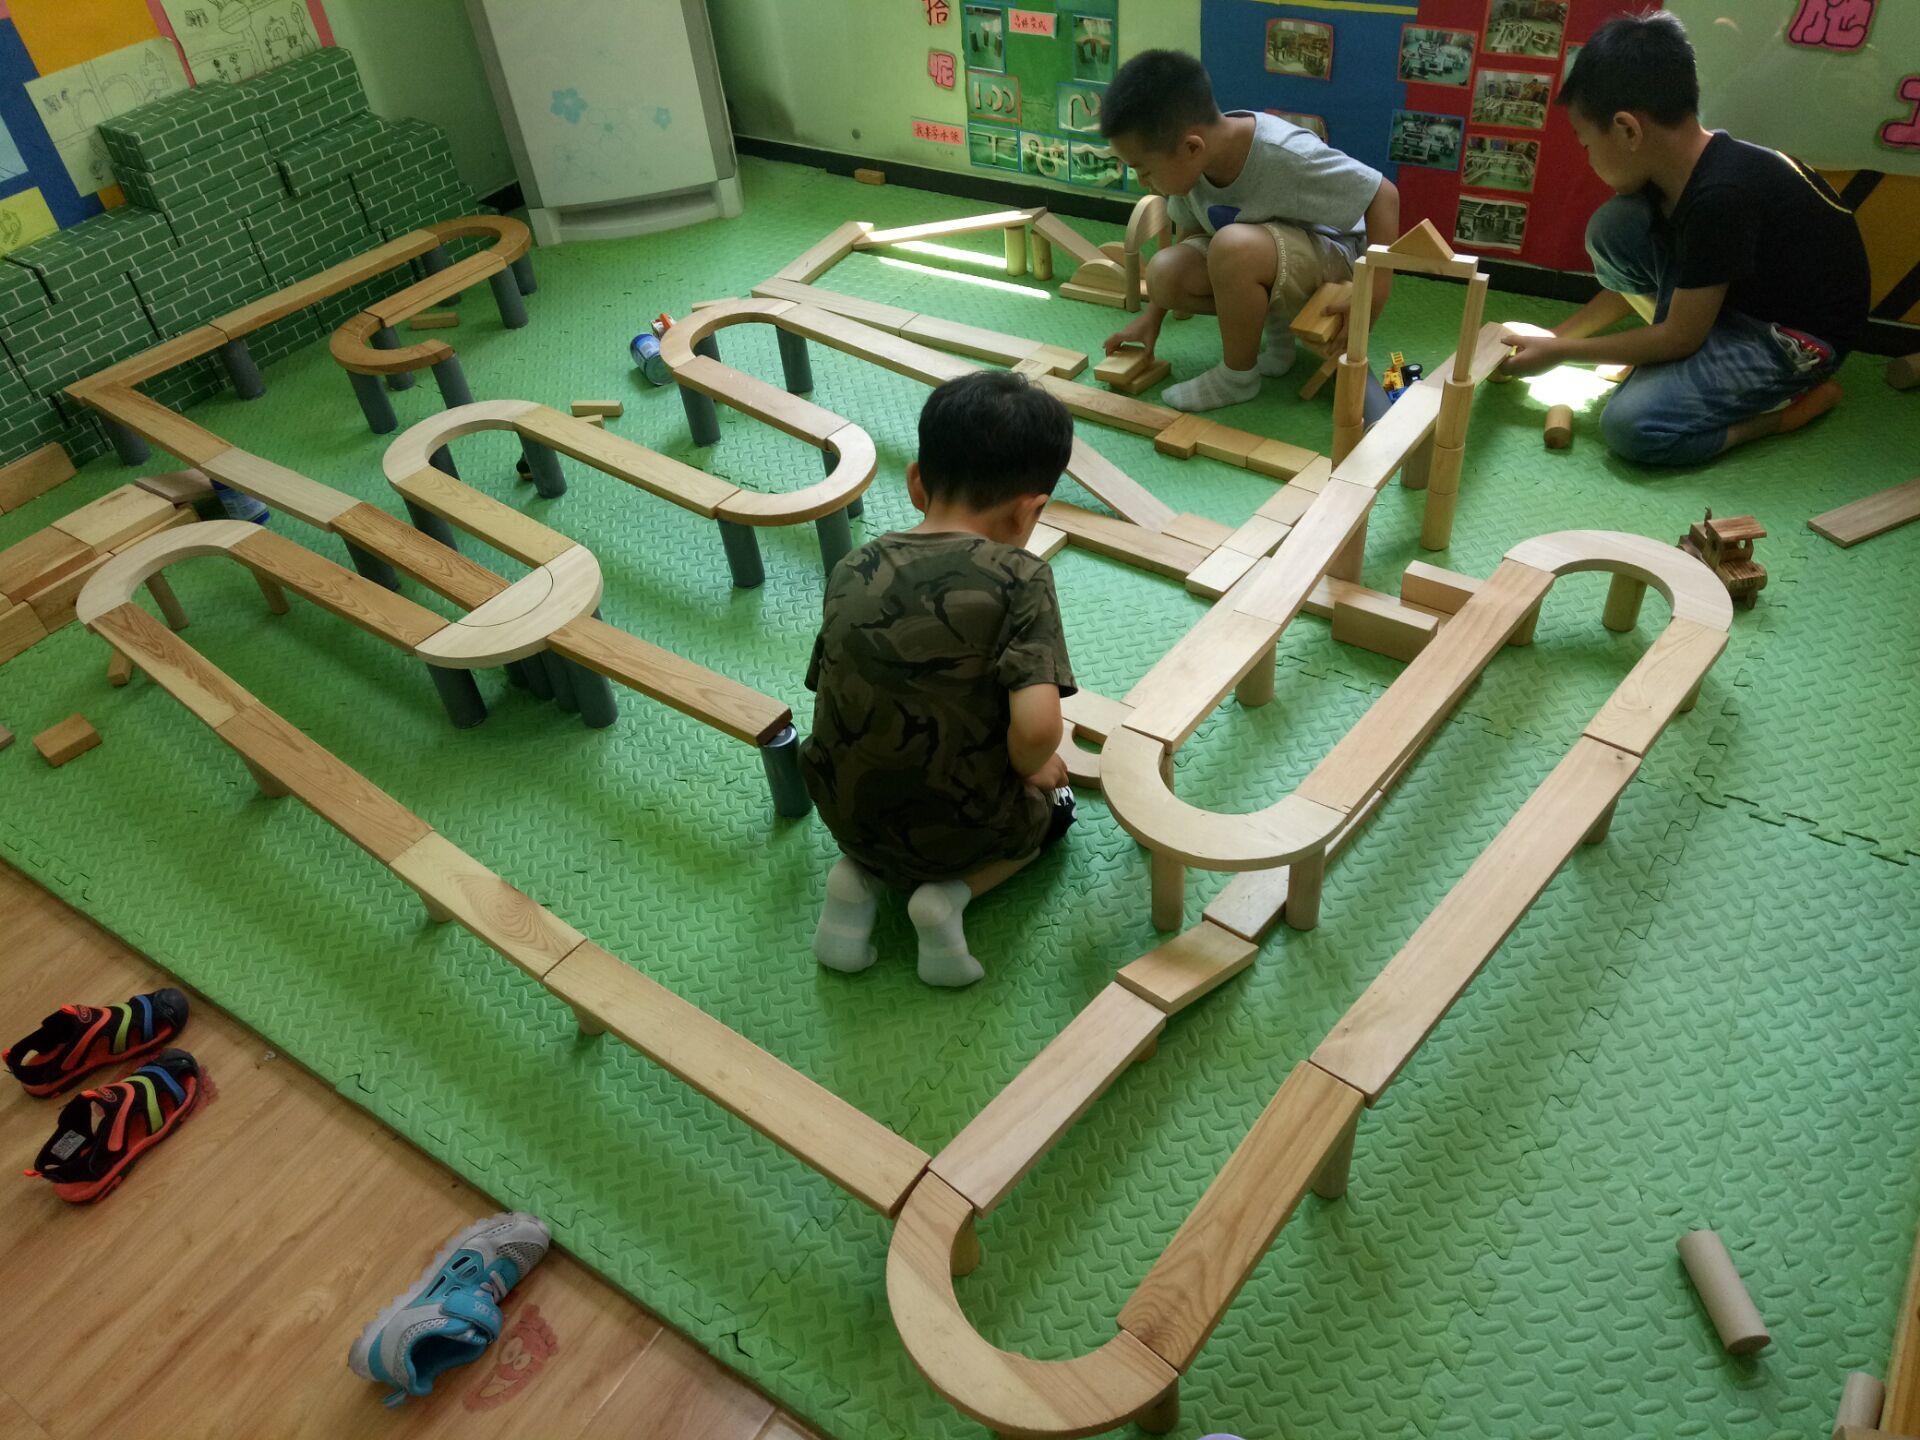 区域活动是孩子们最喜欢的活动,建构区是男孩子们最喜欢进的一个区